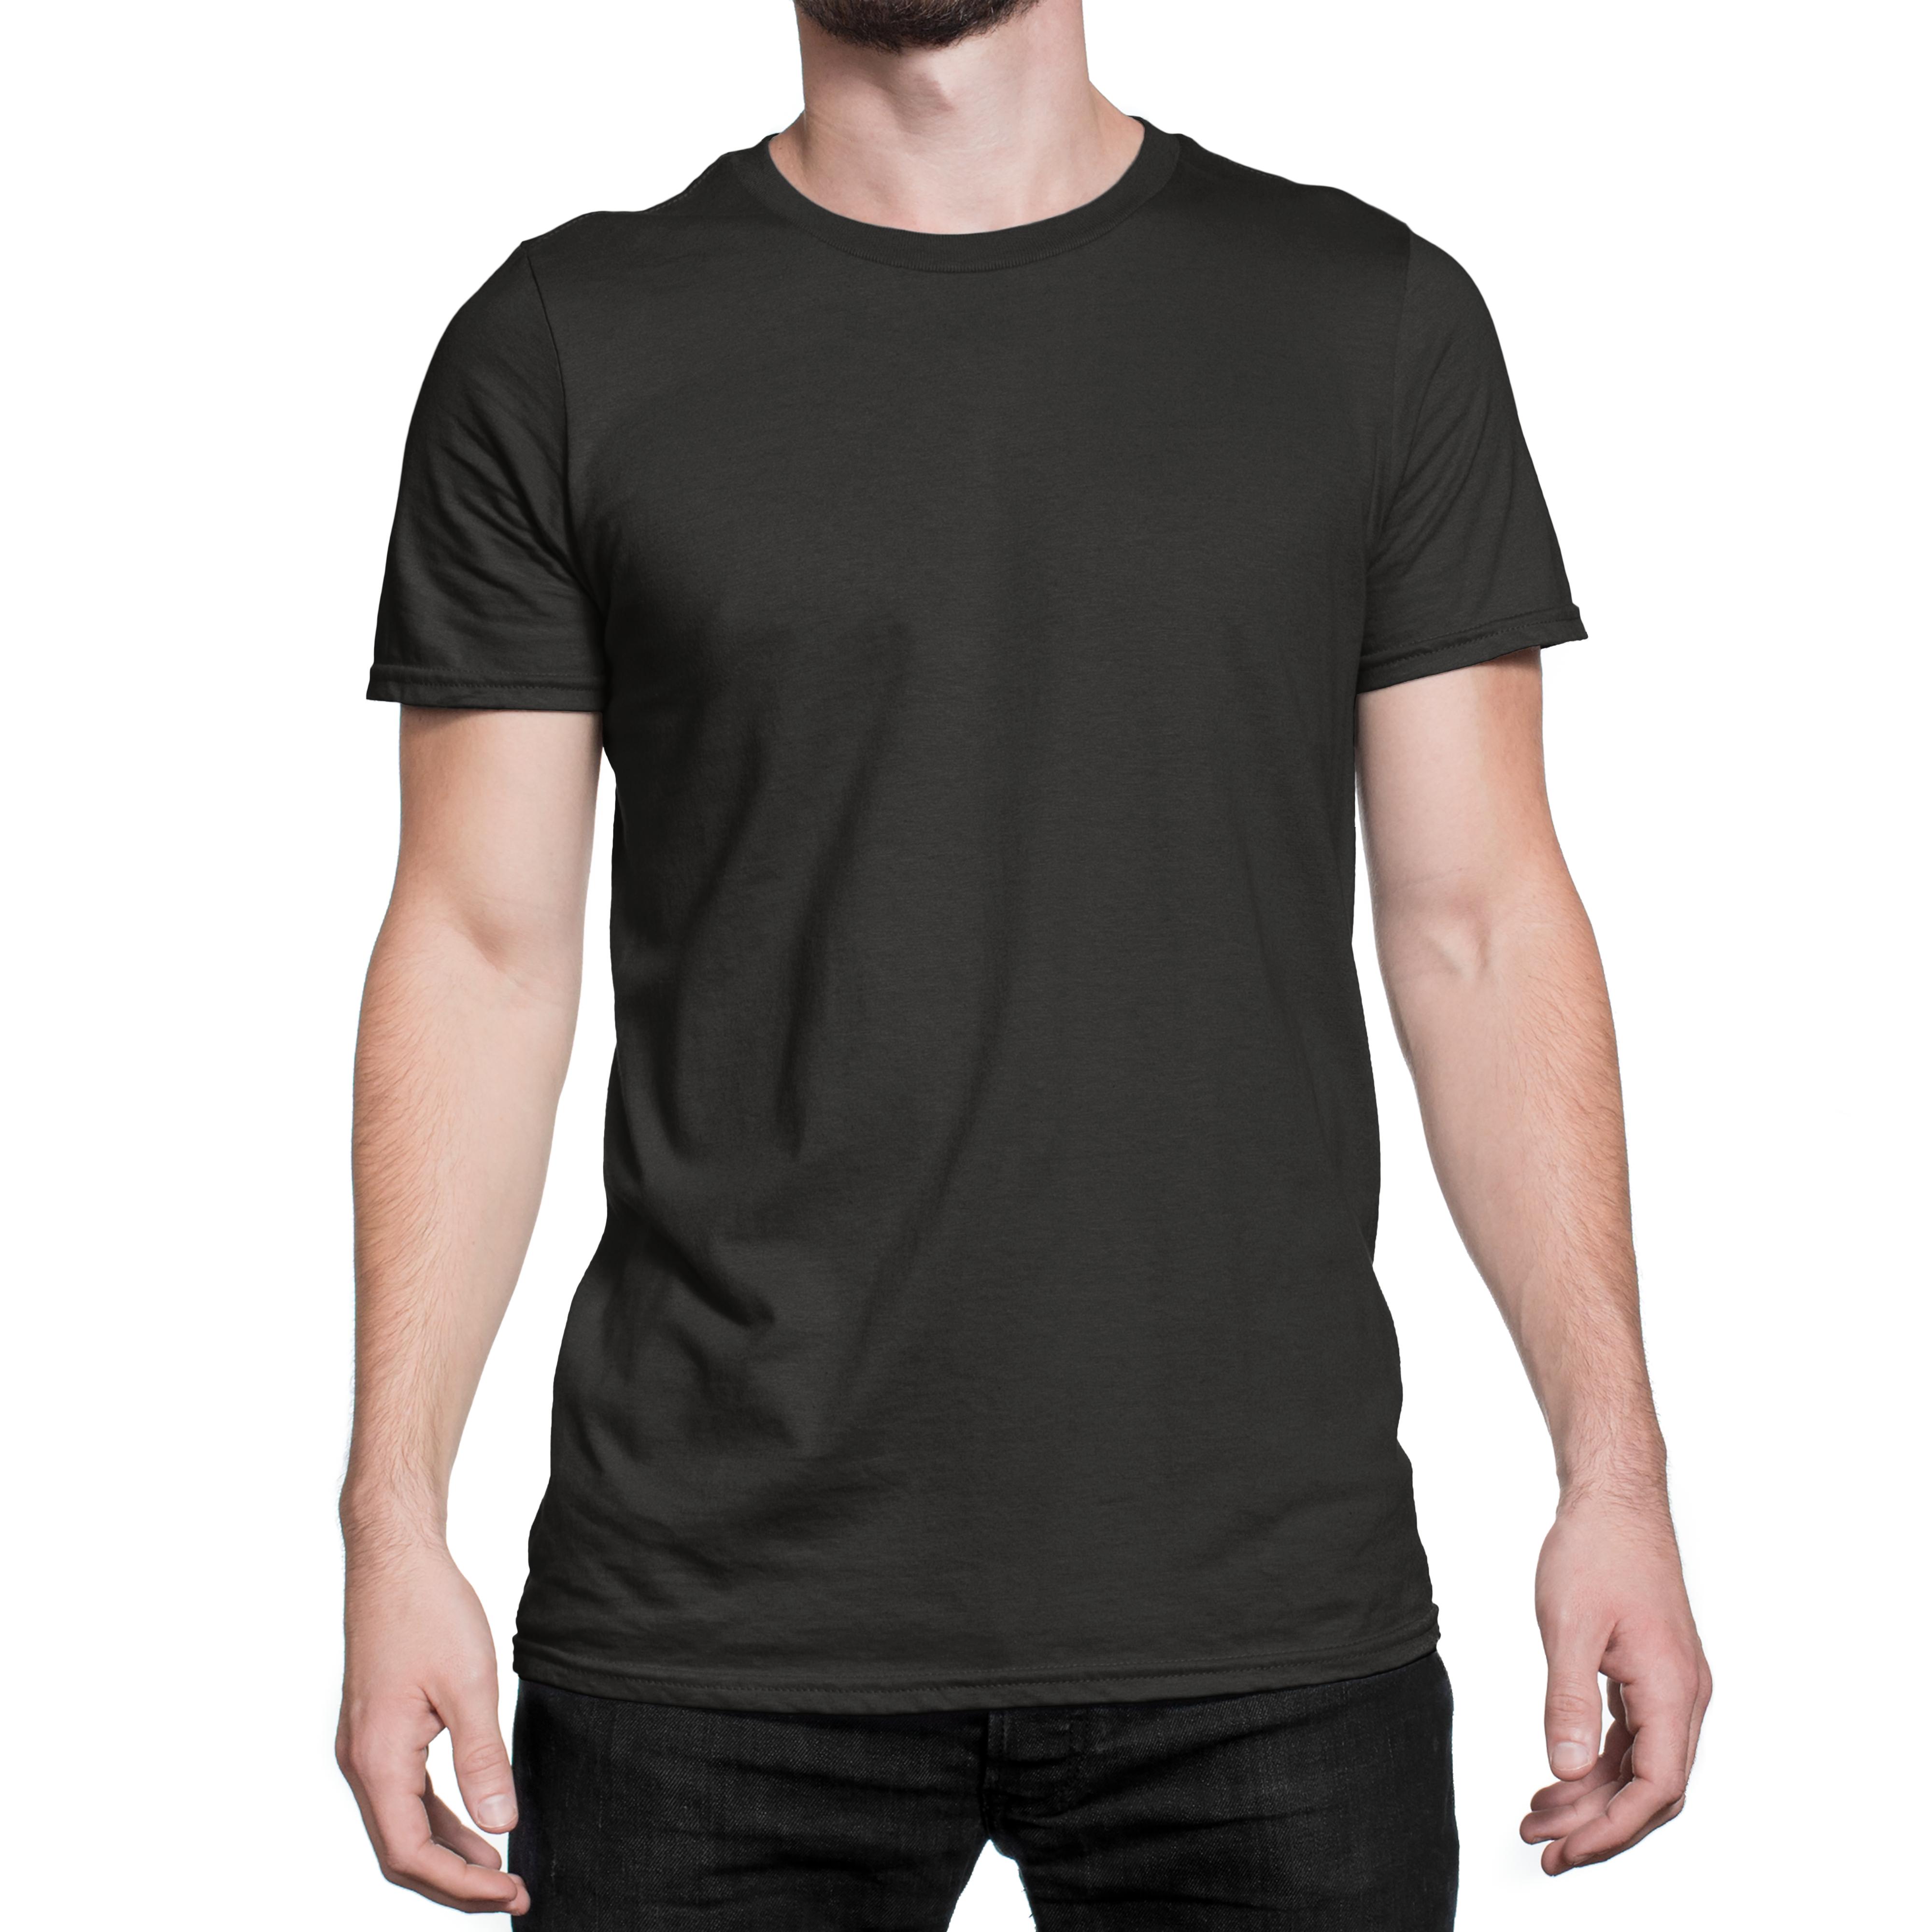 Plain Black T Shirt Unisex Front View Colorcapital Plain Black T Shirt Mens Tshirts T Shirt